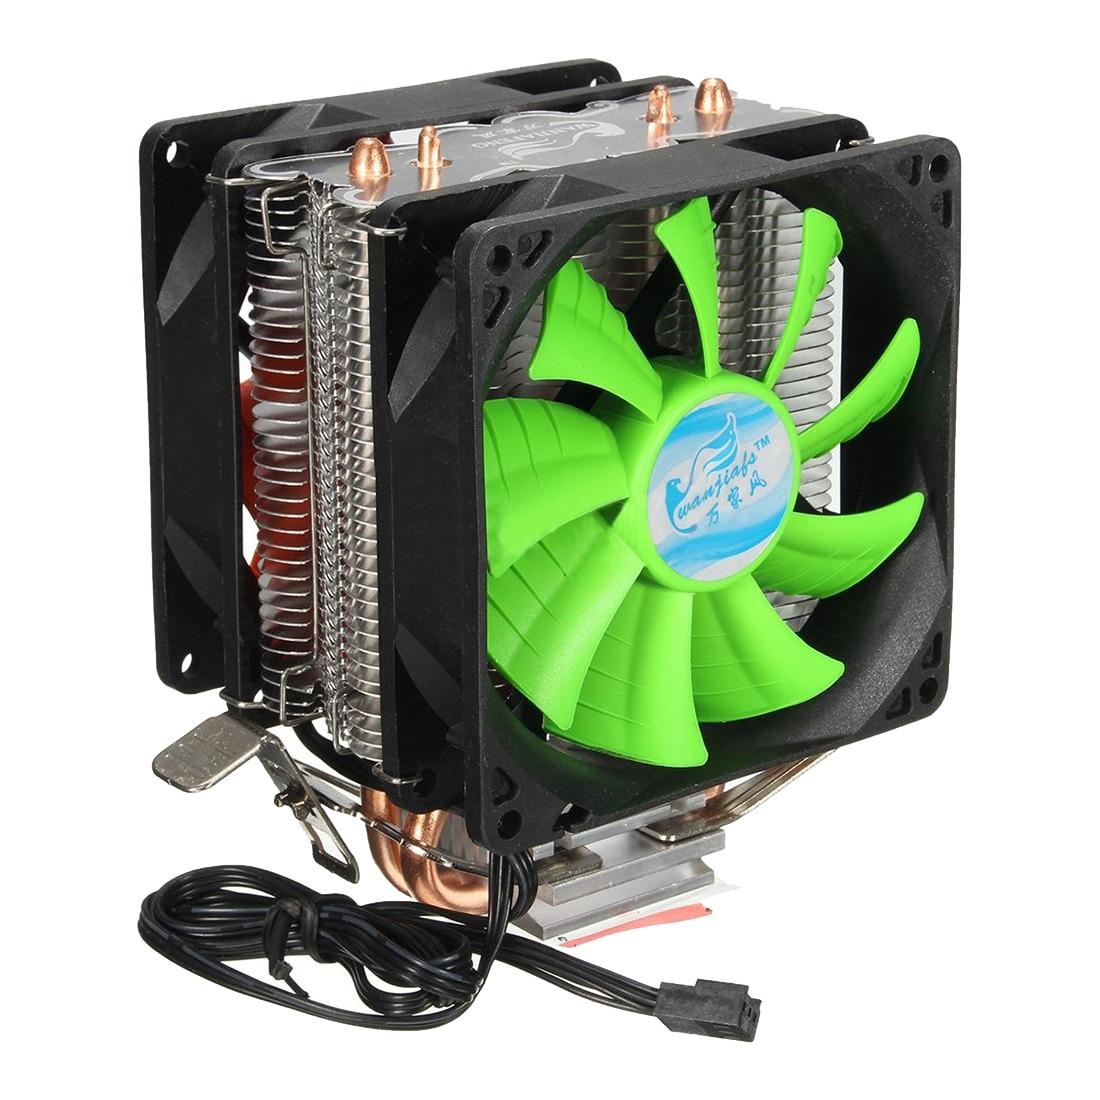 CPU cooler Silent Fan For Intel LGA775/1156/1155 (For AMD AM2/AM2+/AM3)